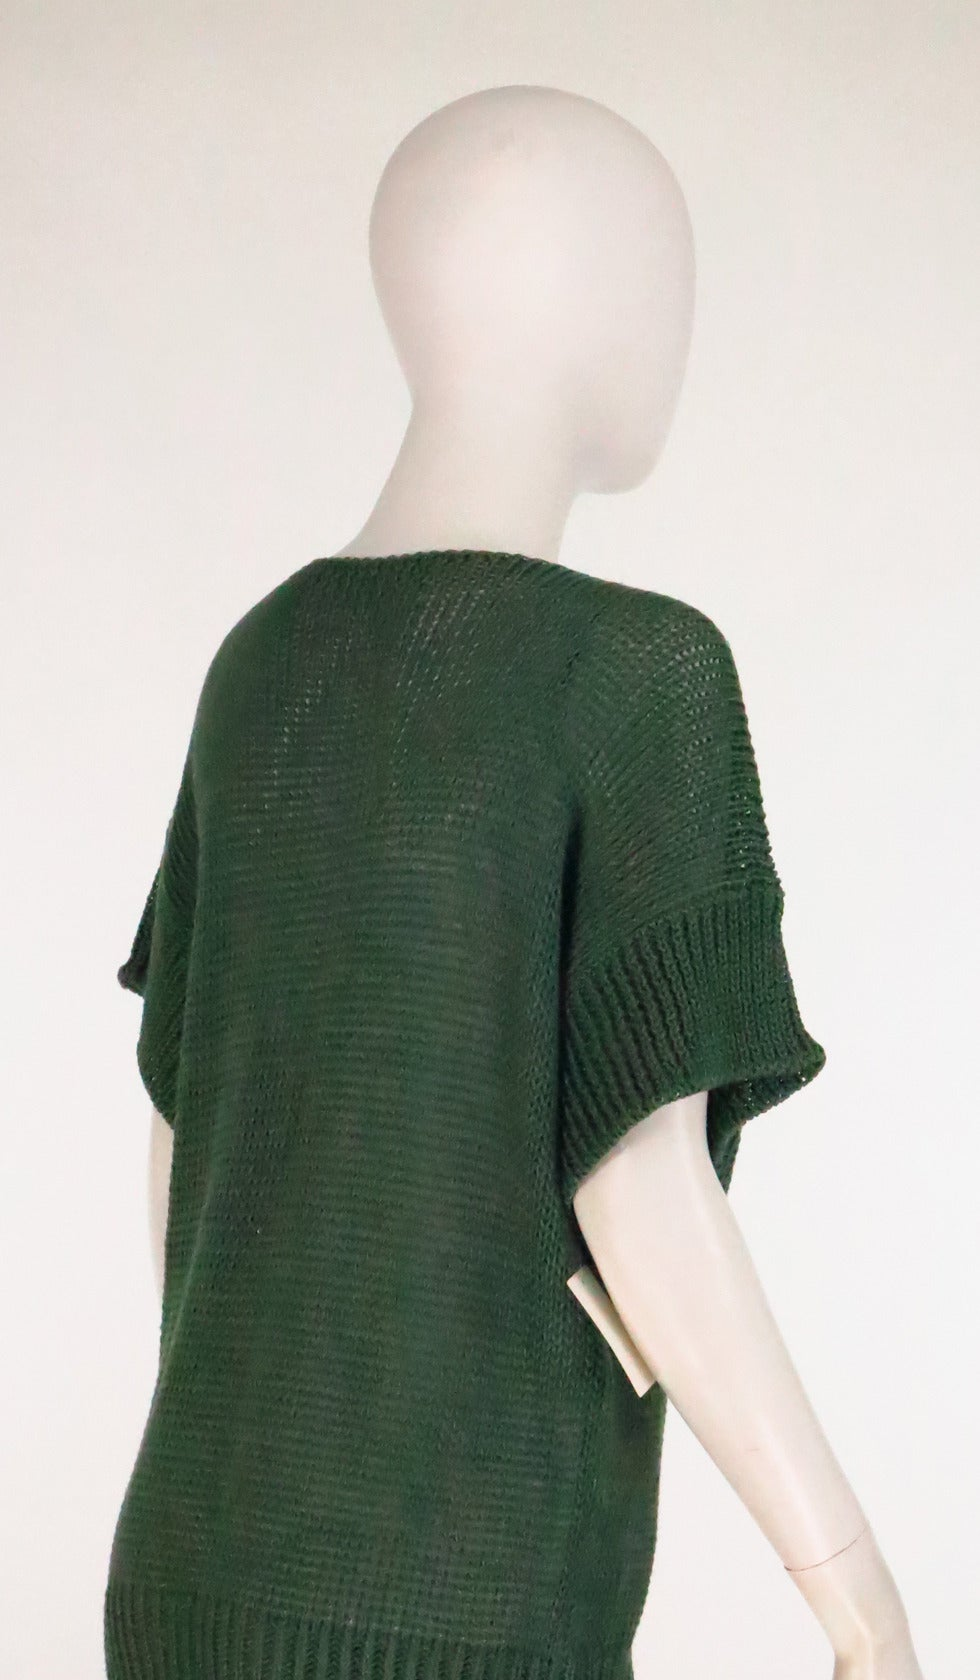 Women's 1980s Jil Sander pine green sweater knit tunic For Sale